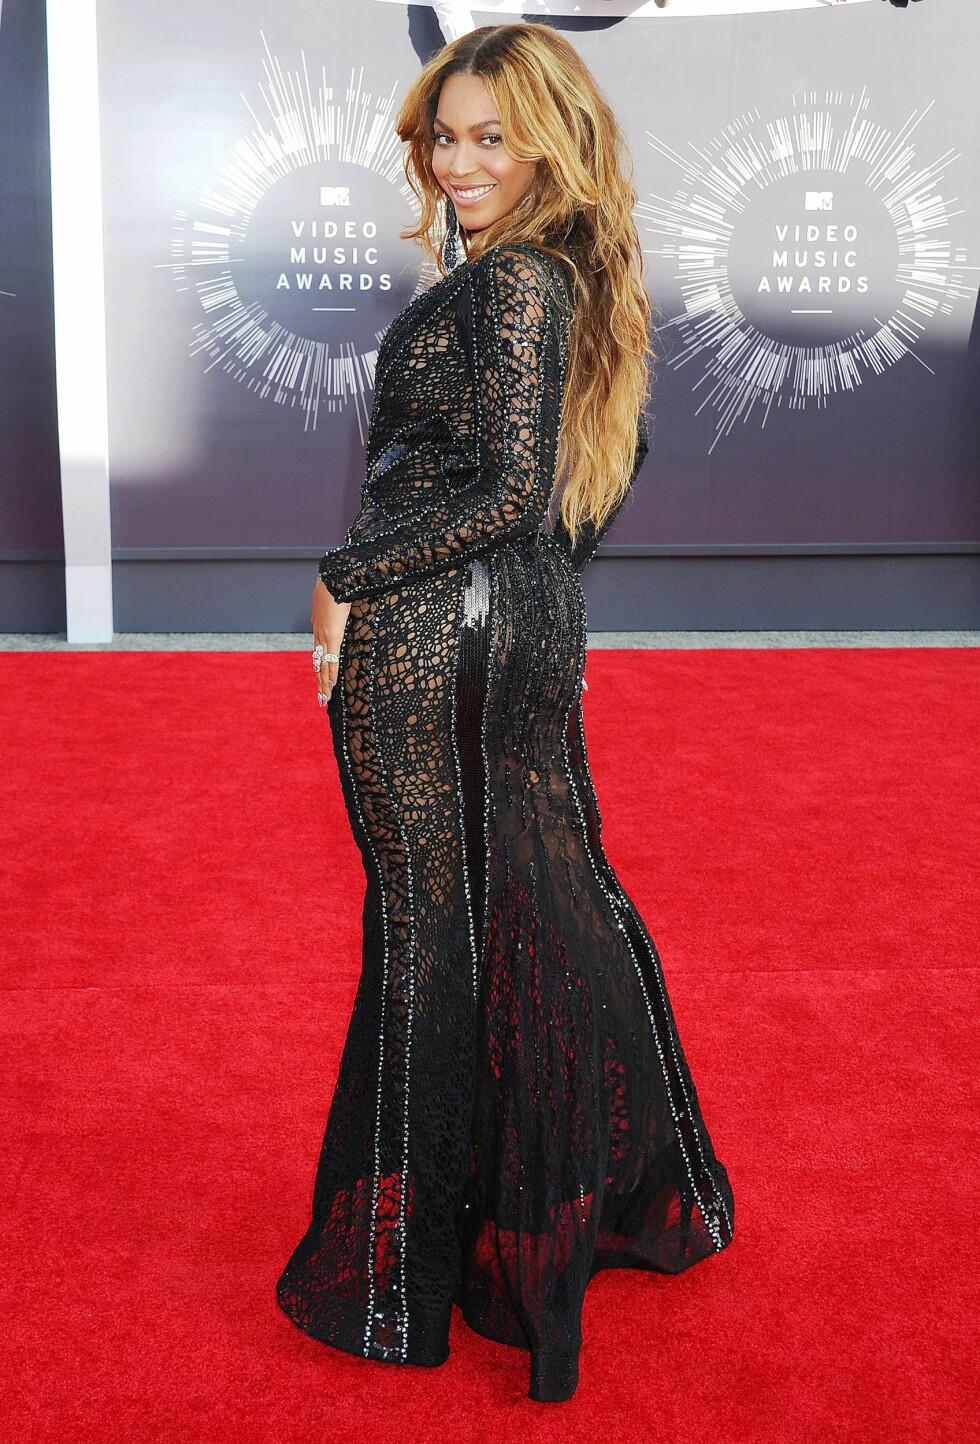 <strong>BYTTET KLÆR FLERE GANGER:</strong> Beyoncé Knowles viste frem sin motesans med flere forskjellige antrekk i løpet av kvelden. Slik så hun ut da hun ankom den røde løperen i en kjole fra designeren Nicolas Jebran. Foto: REX/Broadimage/All Over Press